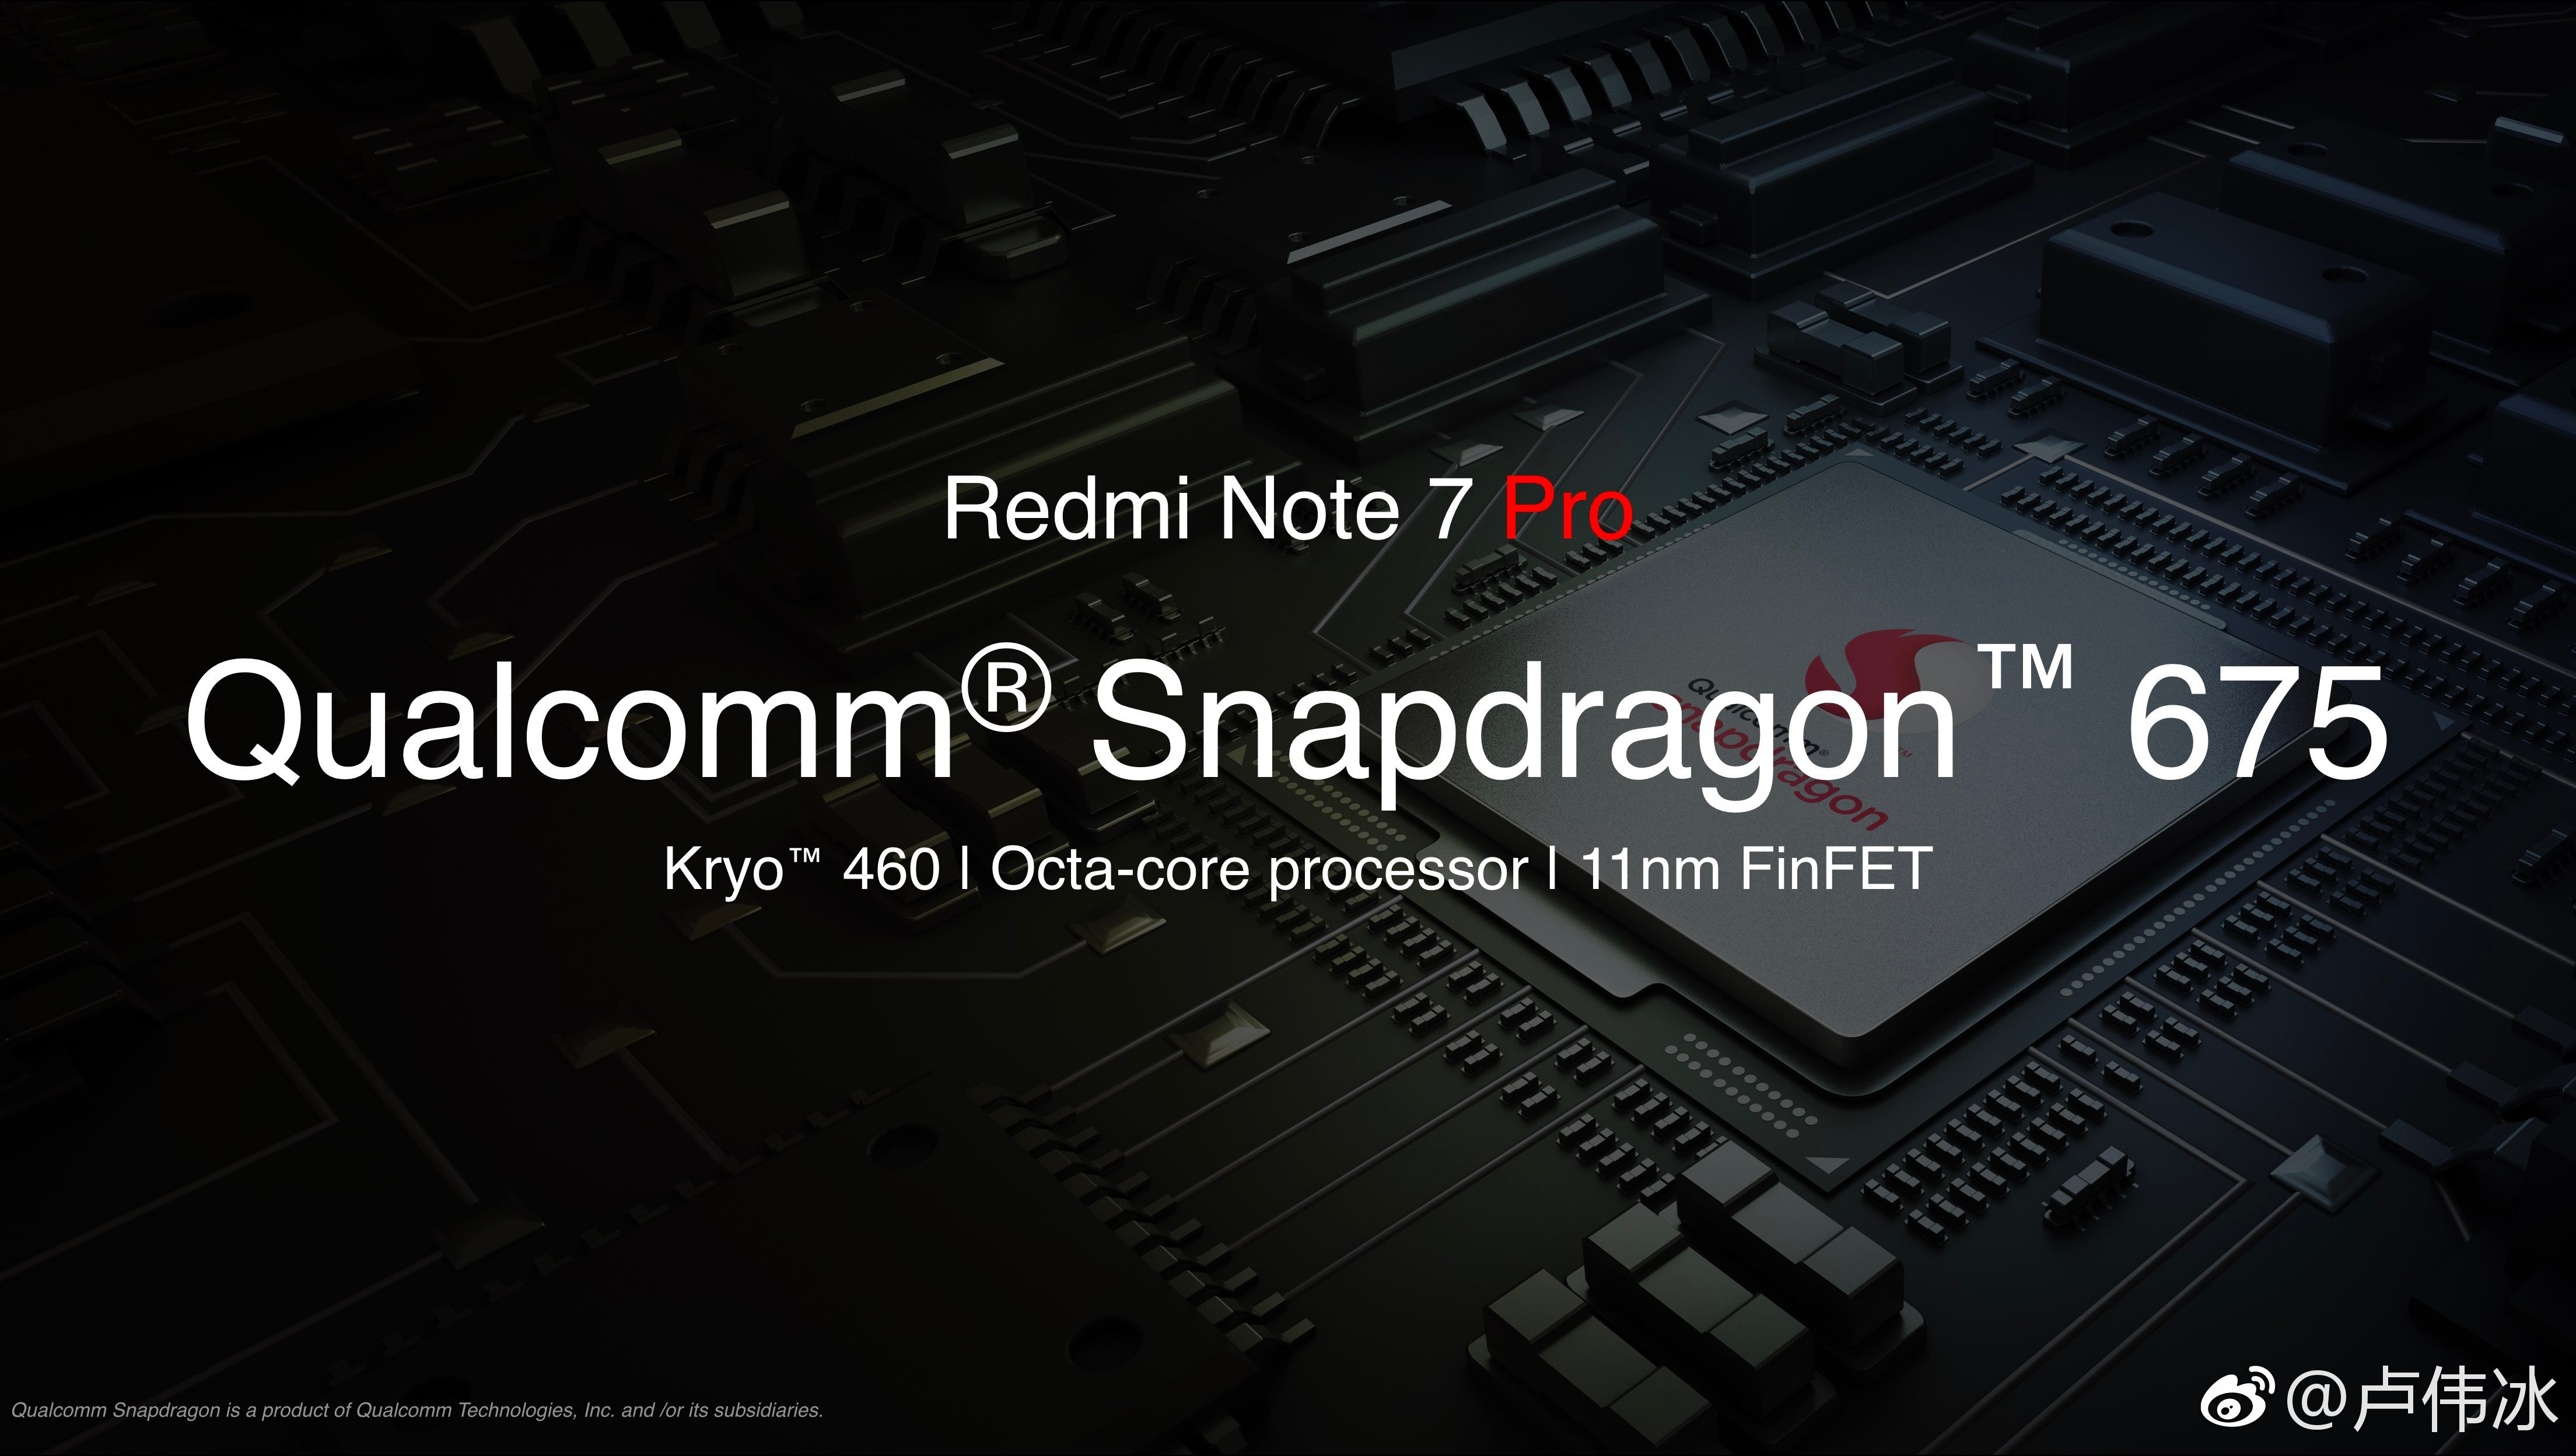 comprar Redmi Note 7 Pro GLOBAL características y precio noticias xiaomi adictos